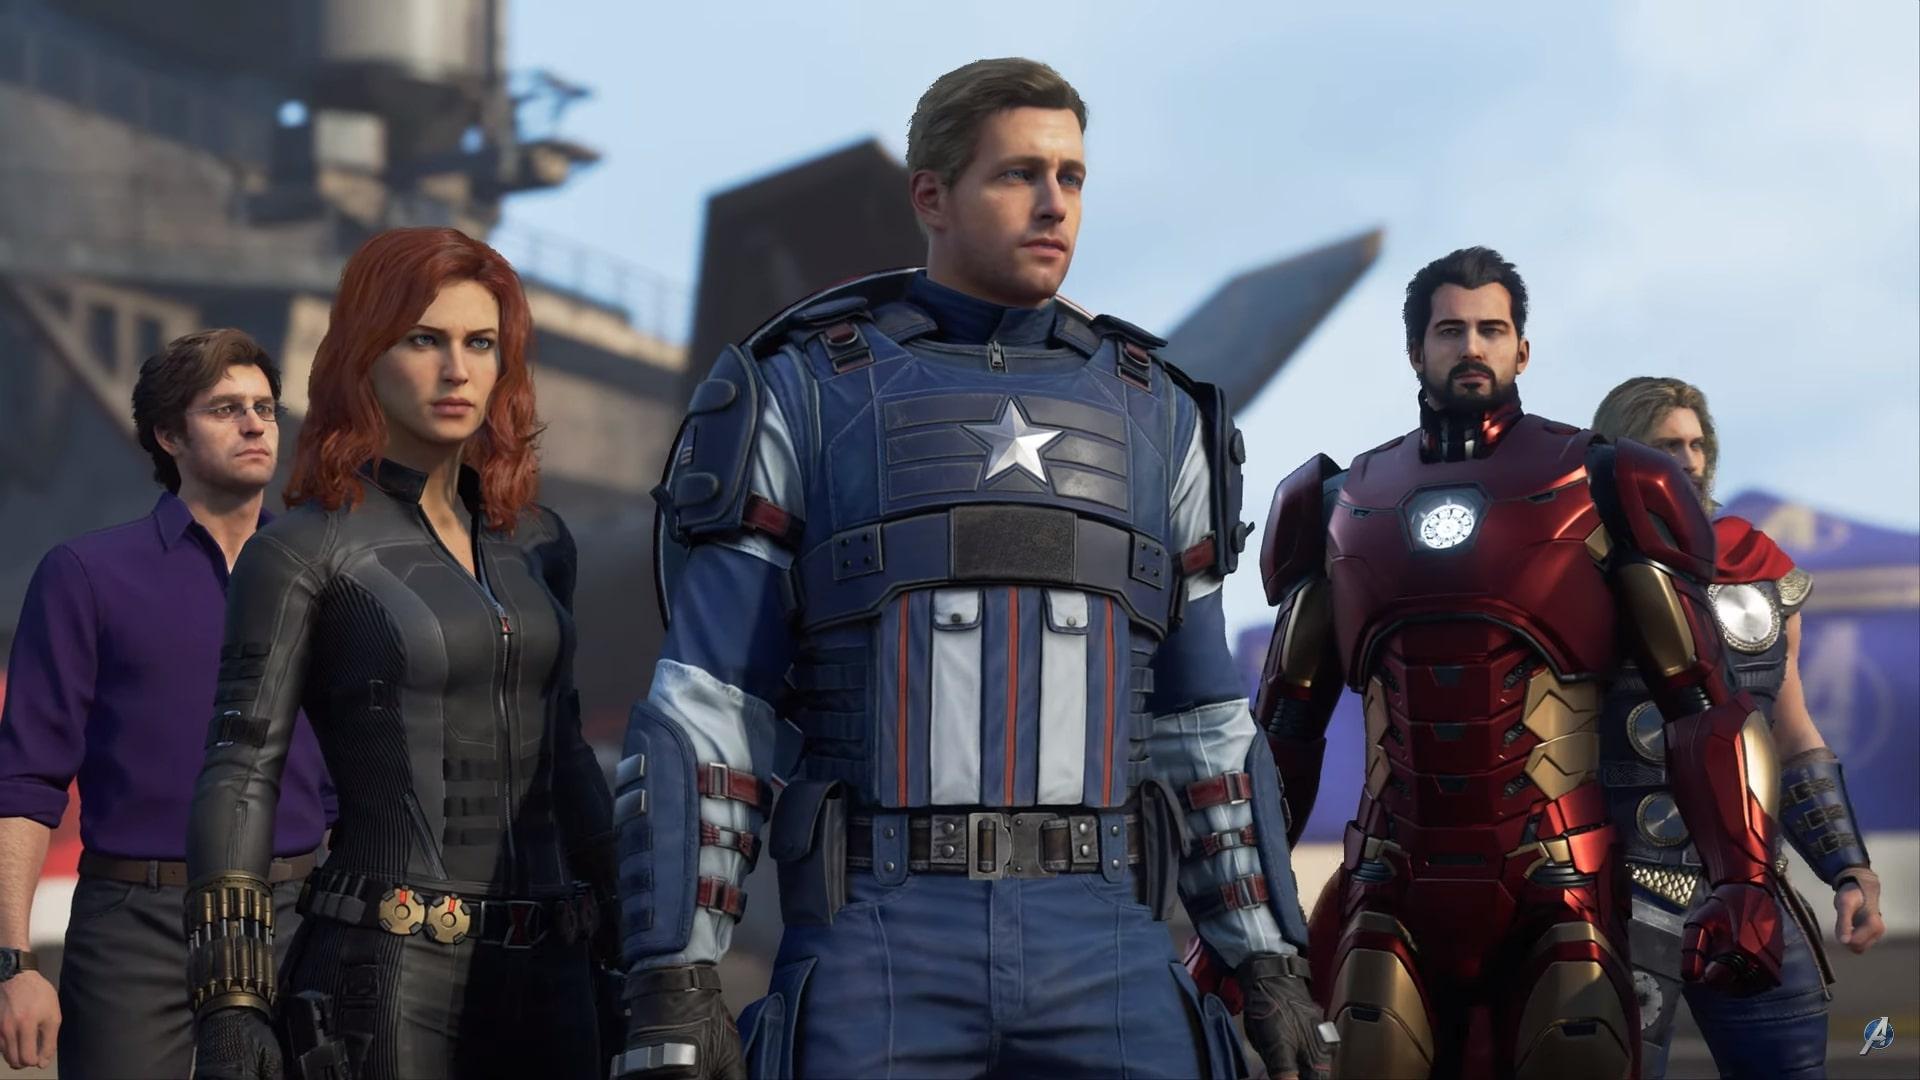 The marvel's Avengers game poster